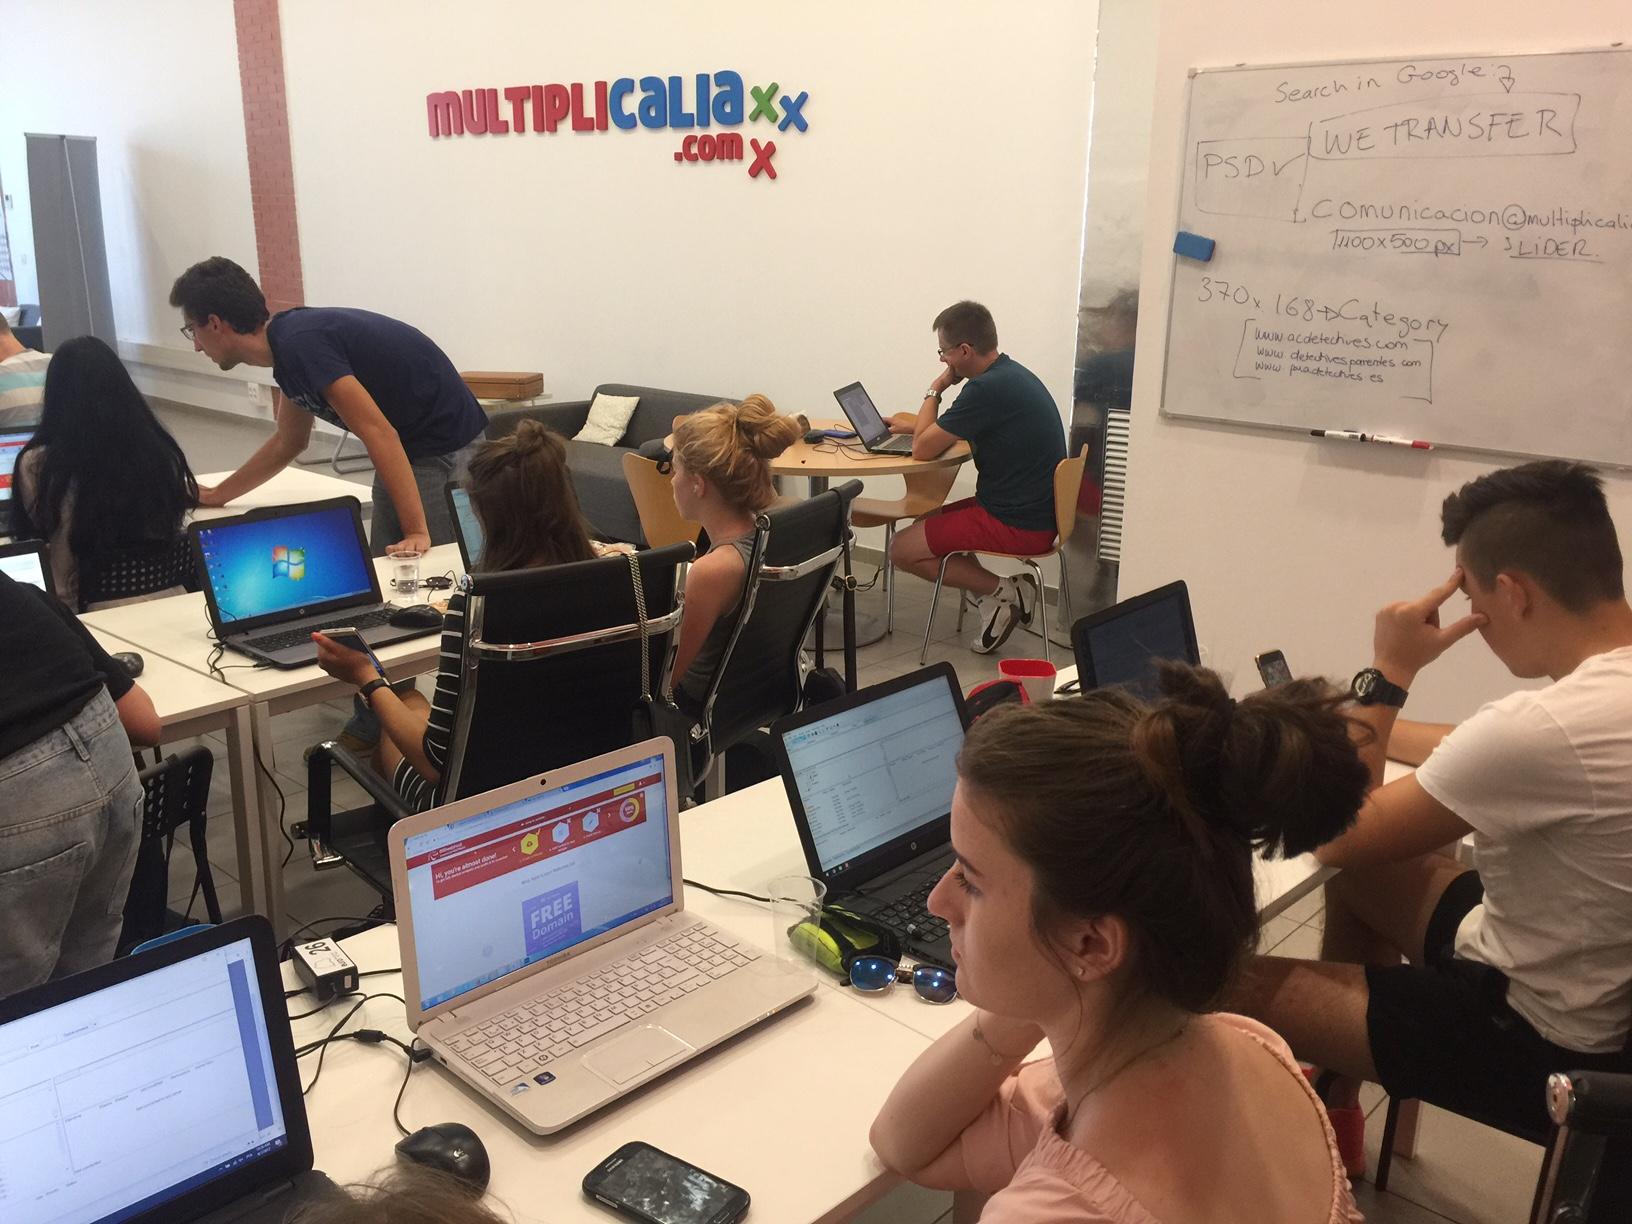 Formación en marketing online para jóvenes polacos